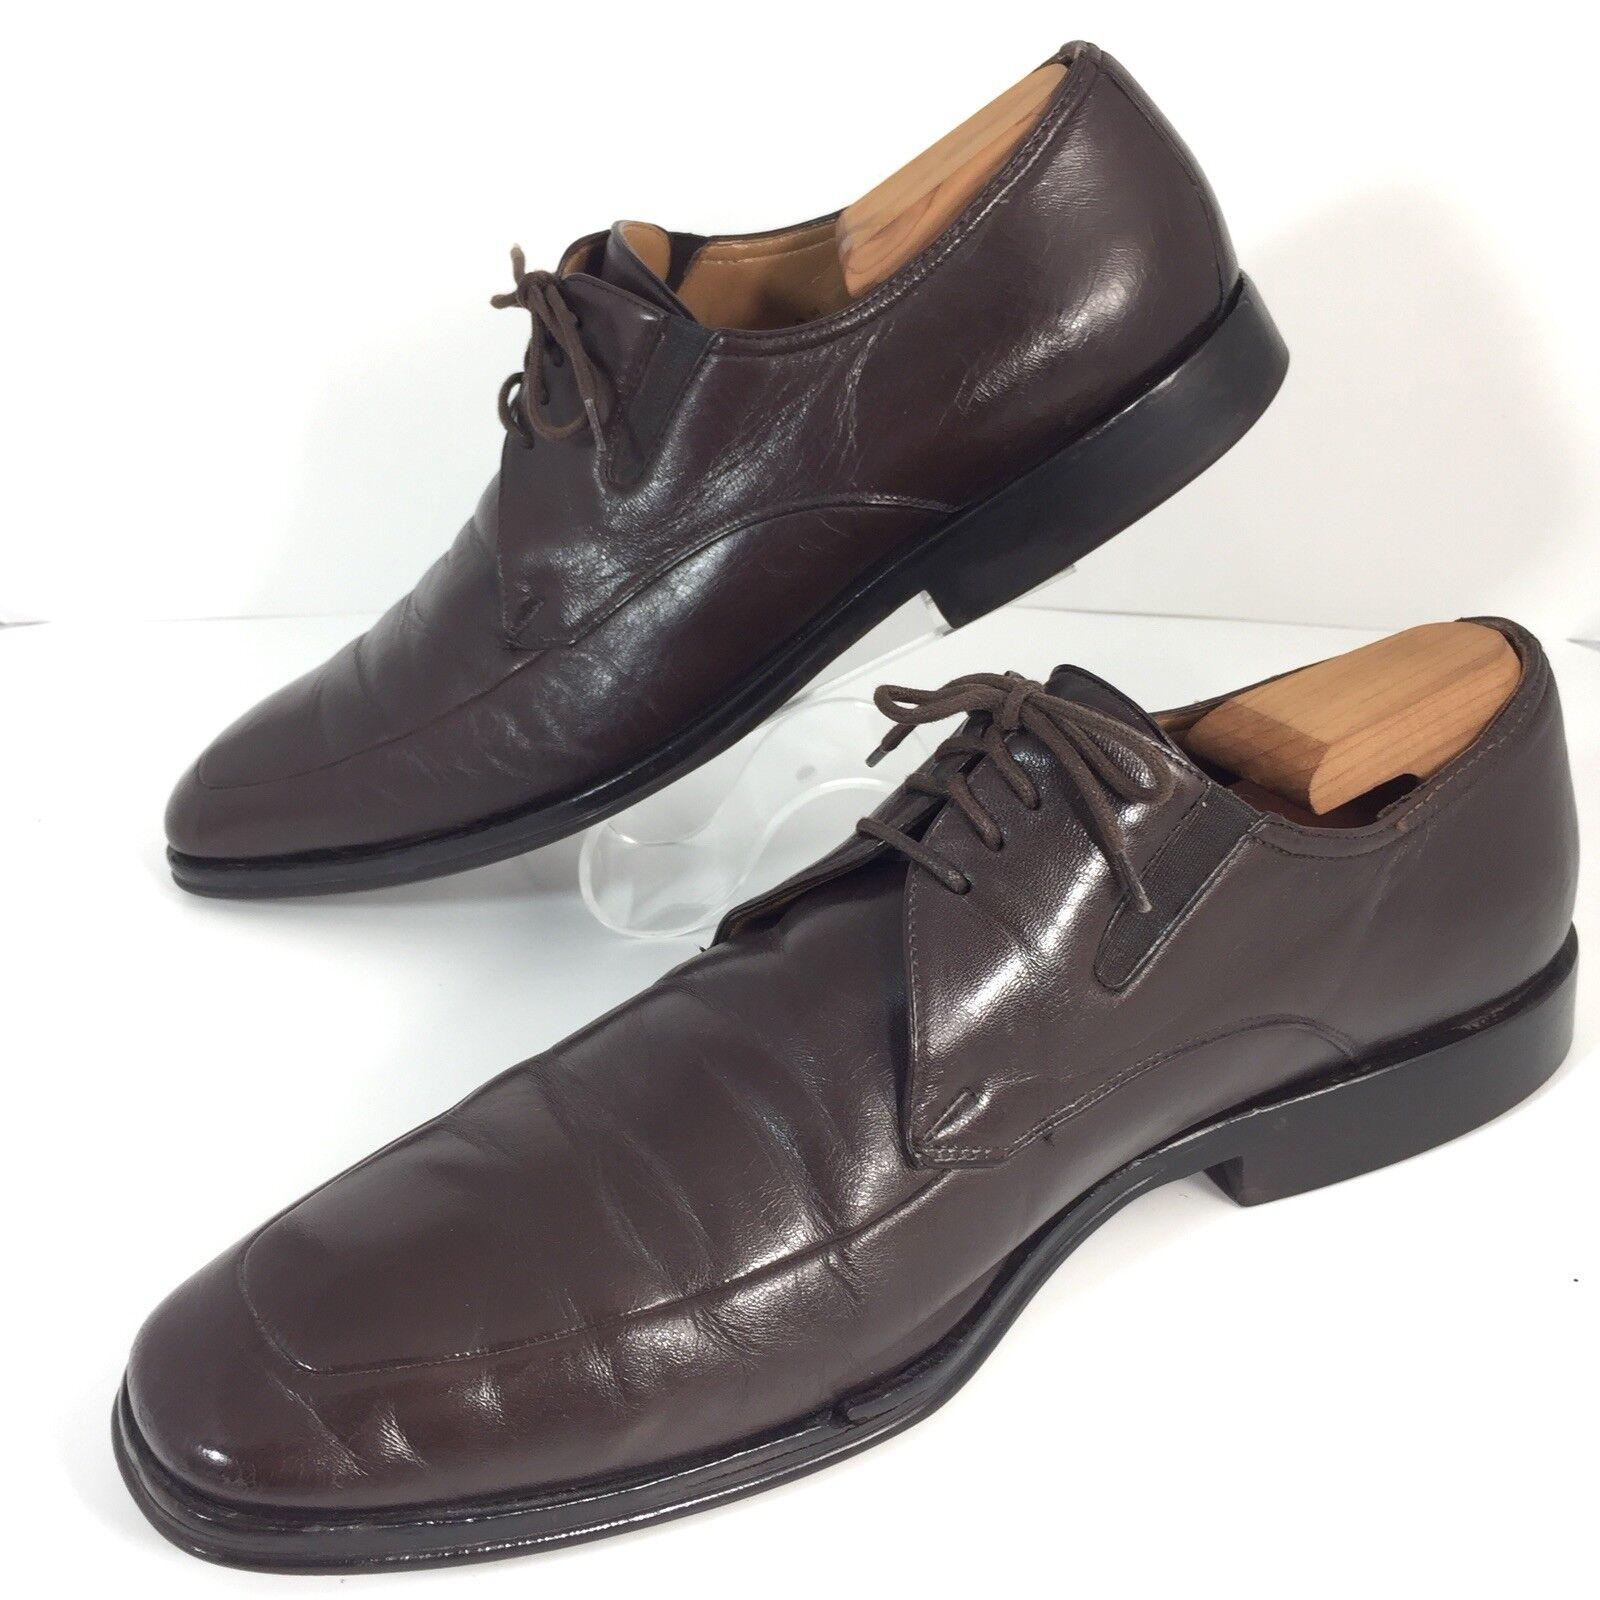 Bruno Magli Ranuncolo Oxford Brown Pelle Shoes Apron Toe Lace Up Uomo Size 12